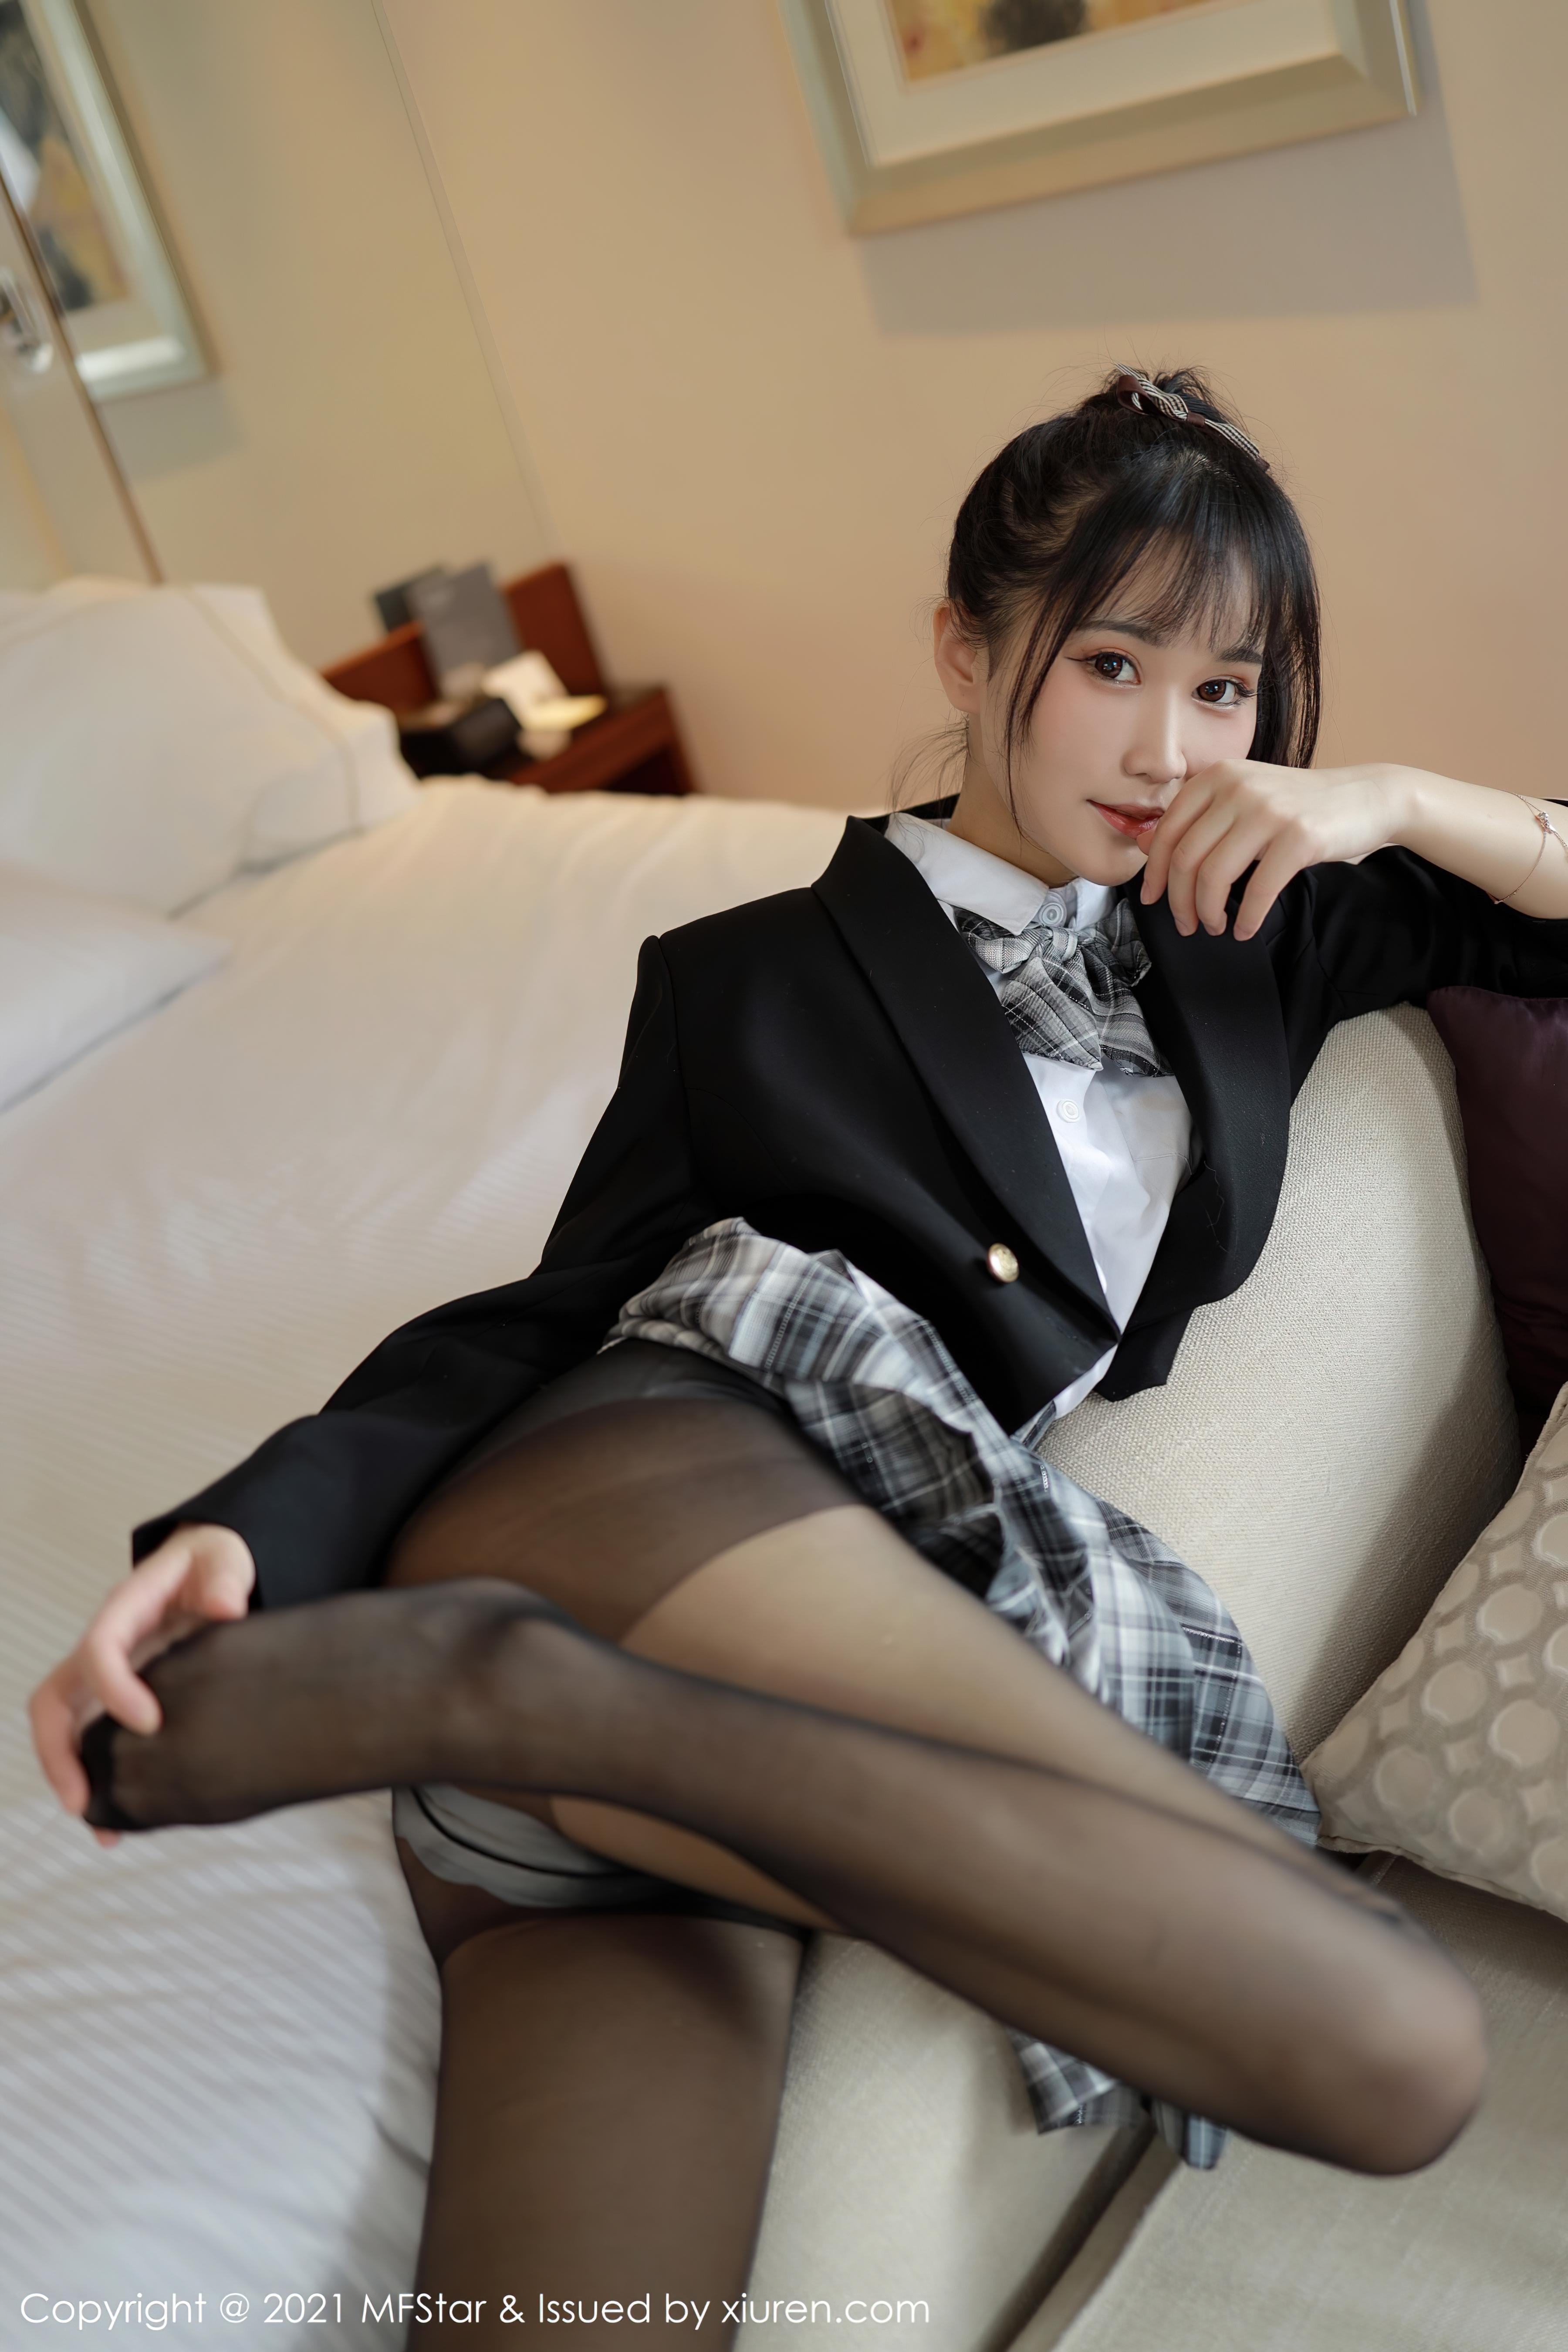 新模特俏皮可爱的小果冻儿 格子jk制服-觅爱图